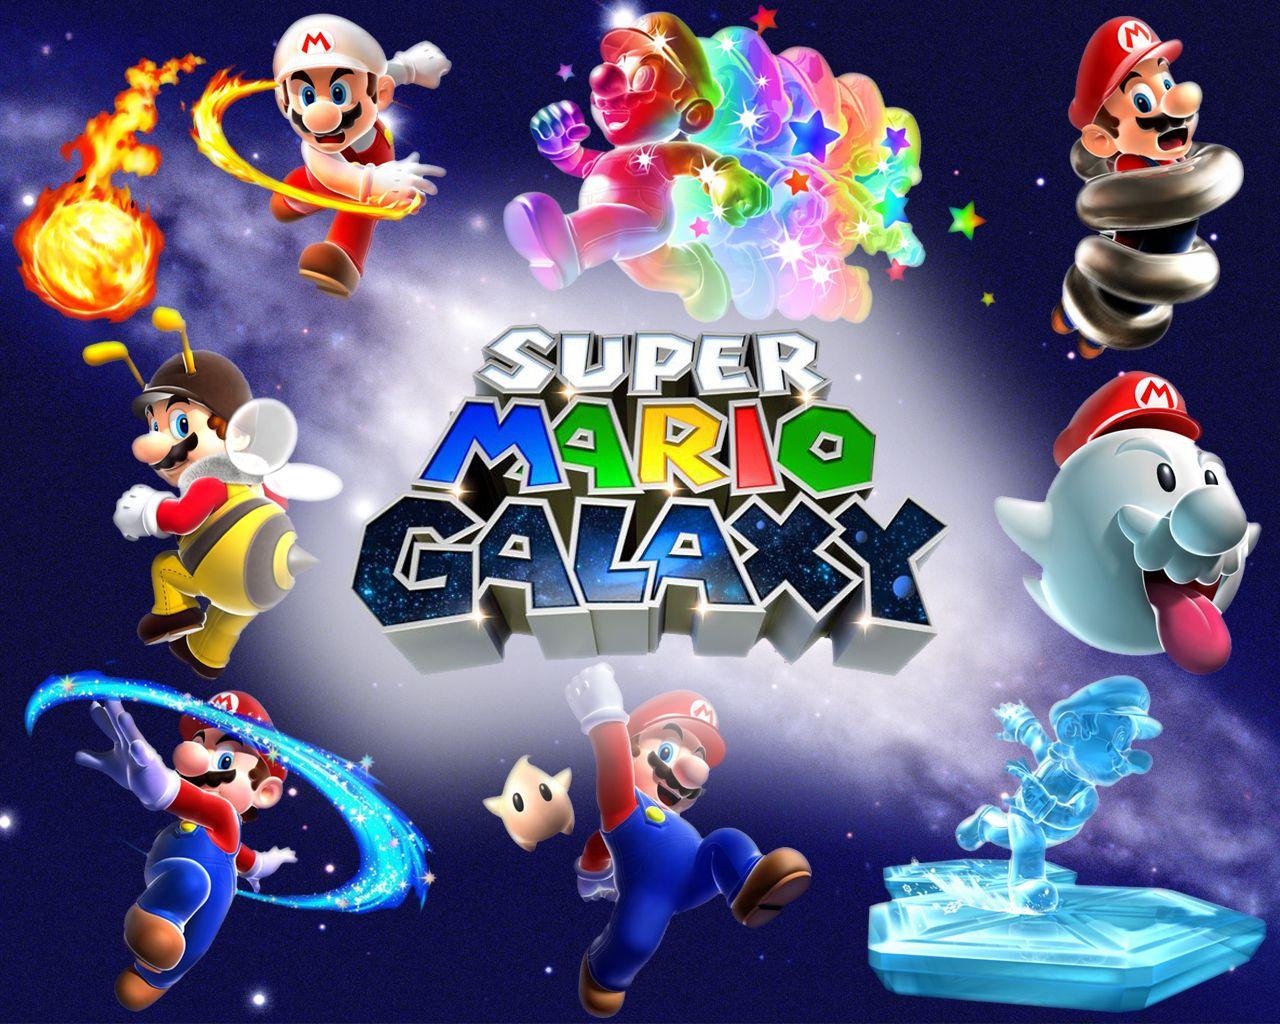 Super Mario Galaxy Super Mario Galaxy 2 Wallpaper 20 Hd Game